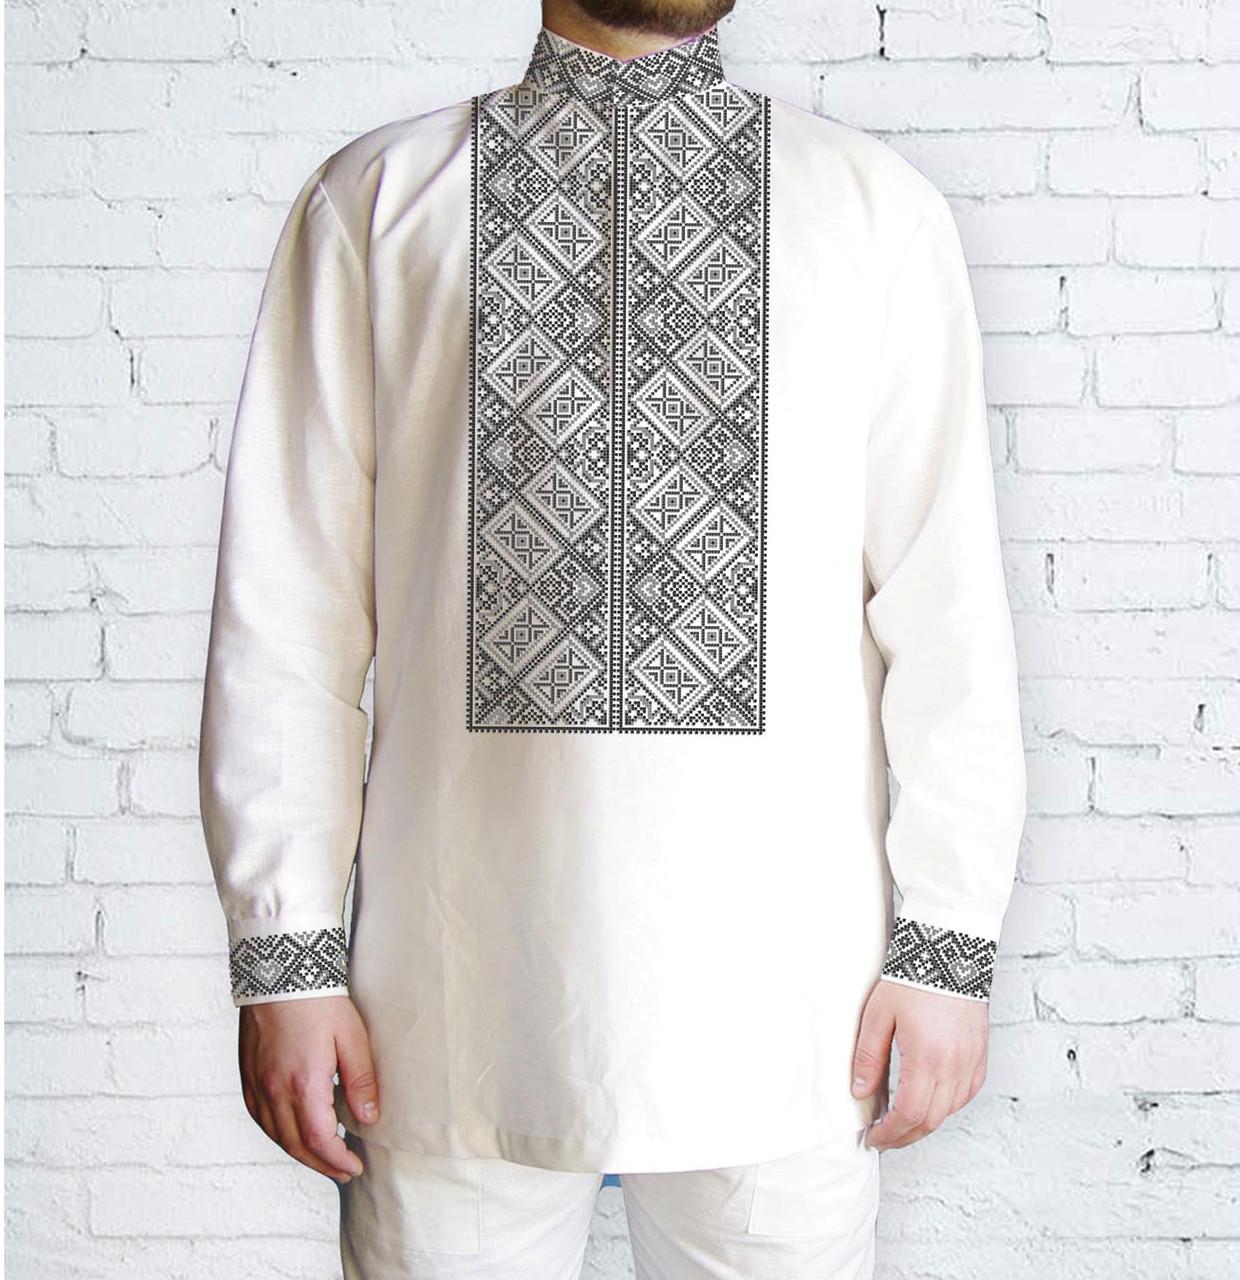 Заготовка мужской рубашки / вышиванки / сорочки для вышивки / вышивания бисером или нитками «Орнамент 526 С»